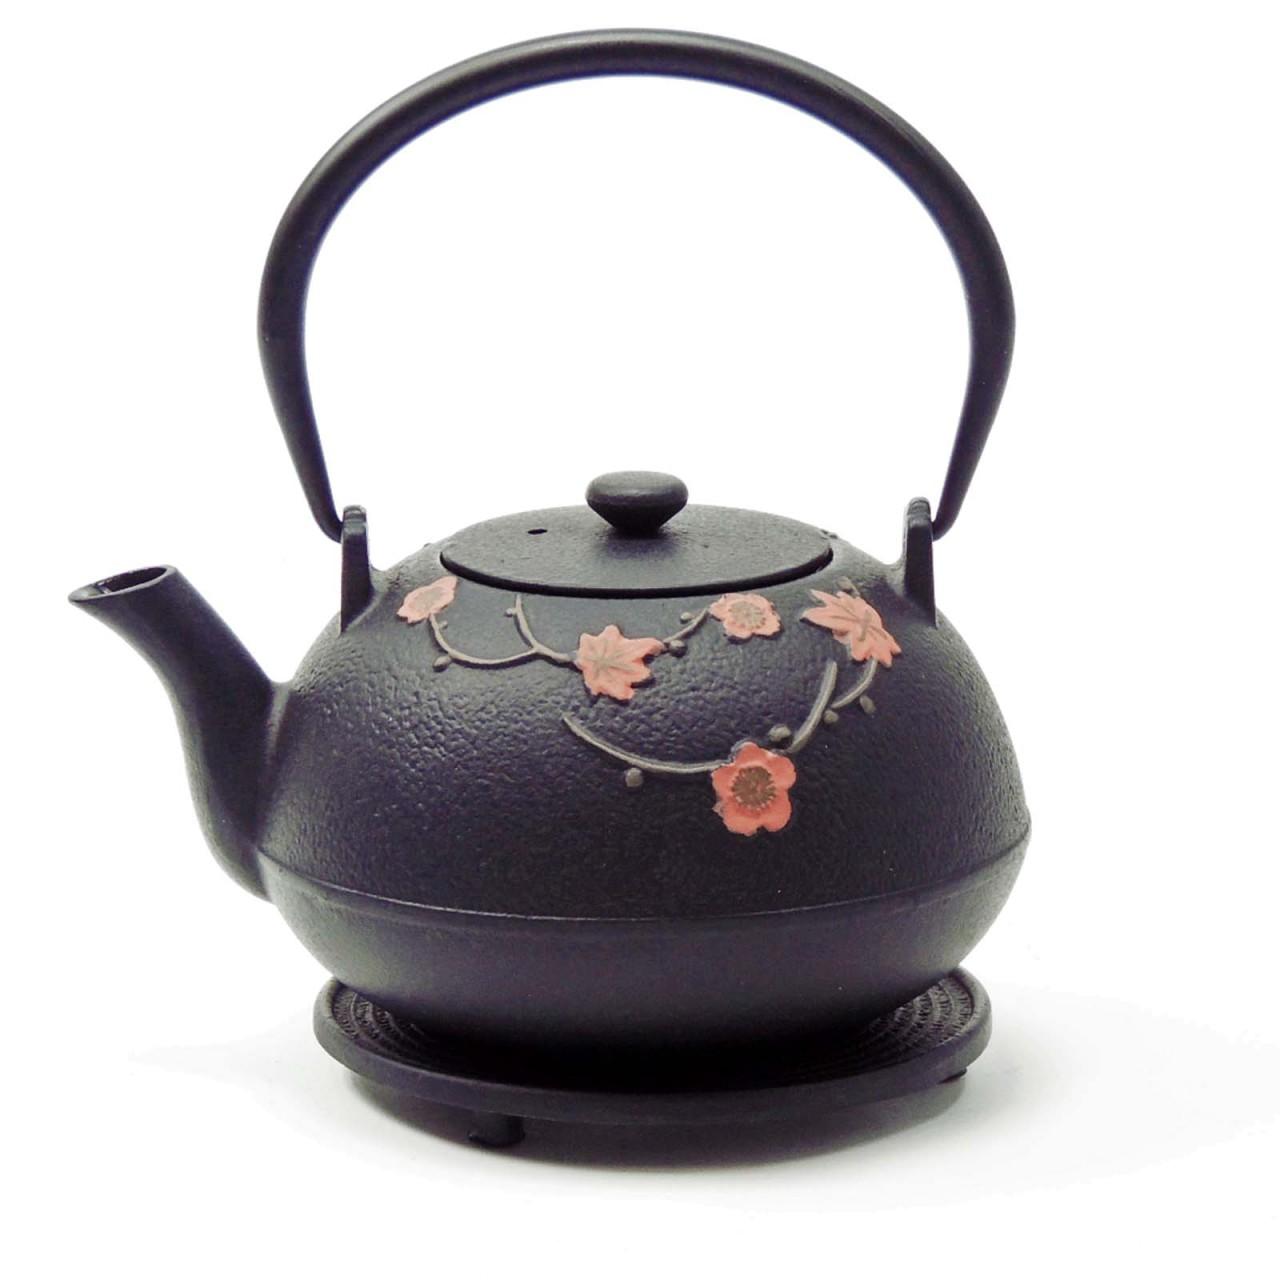 Teekanne Hama, 1 Liter, schwarz/rote Blumen, inkl. Untersetzer und Teesieb